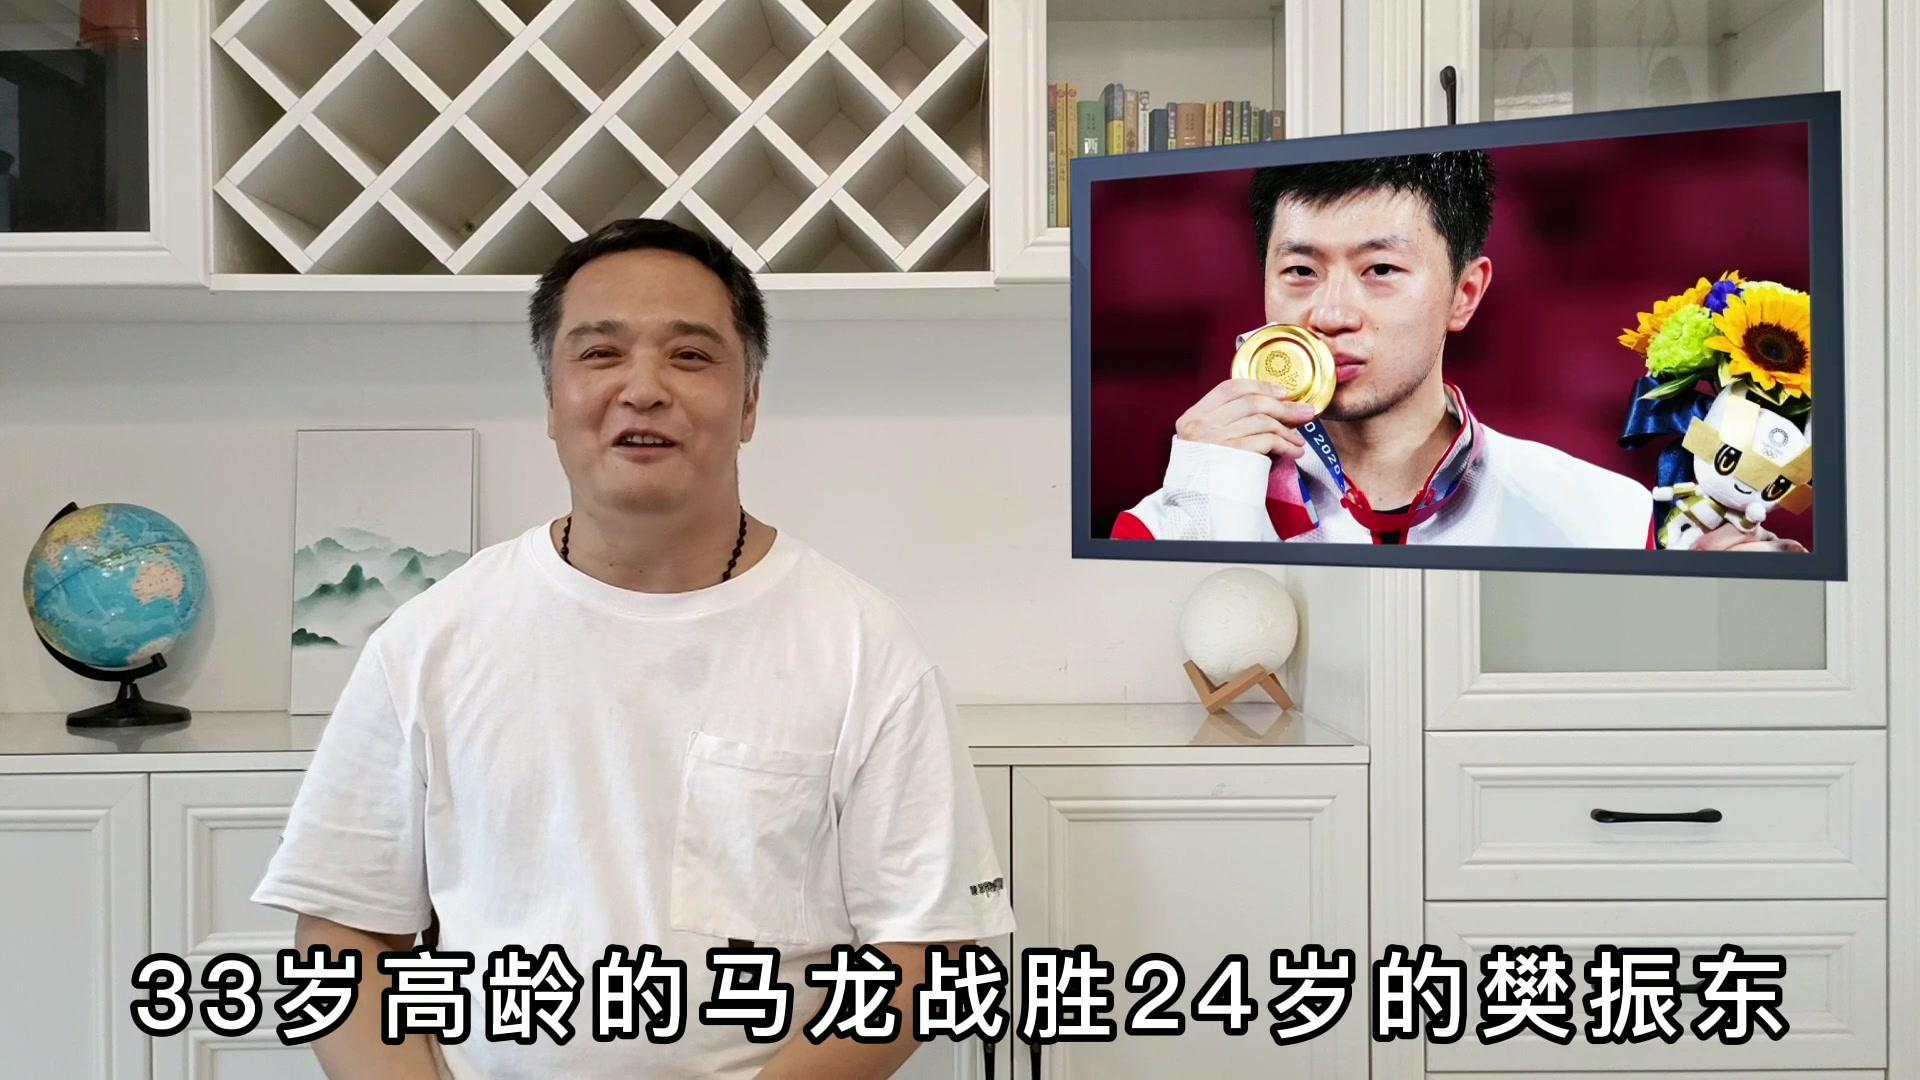 樊振东:我不服,等着我,别退役!马龙回应:我可从没想过要退役